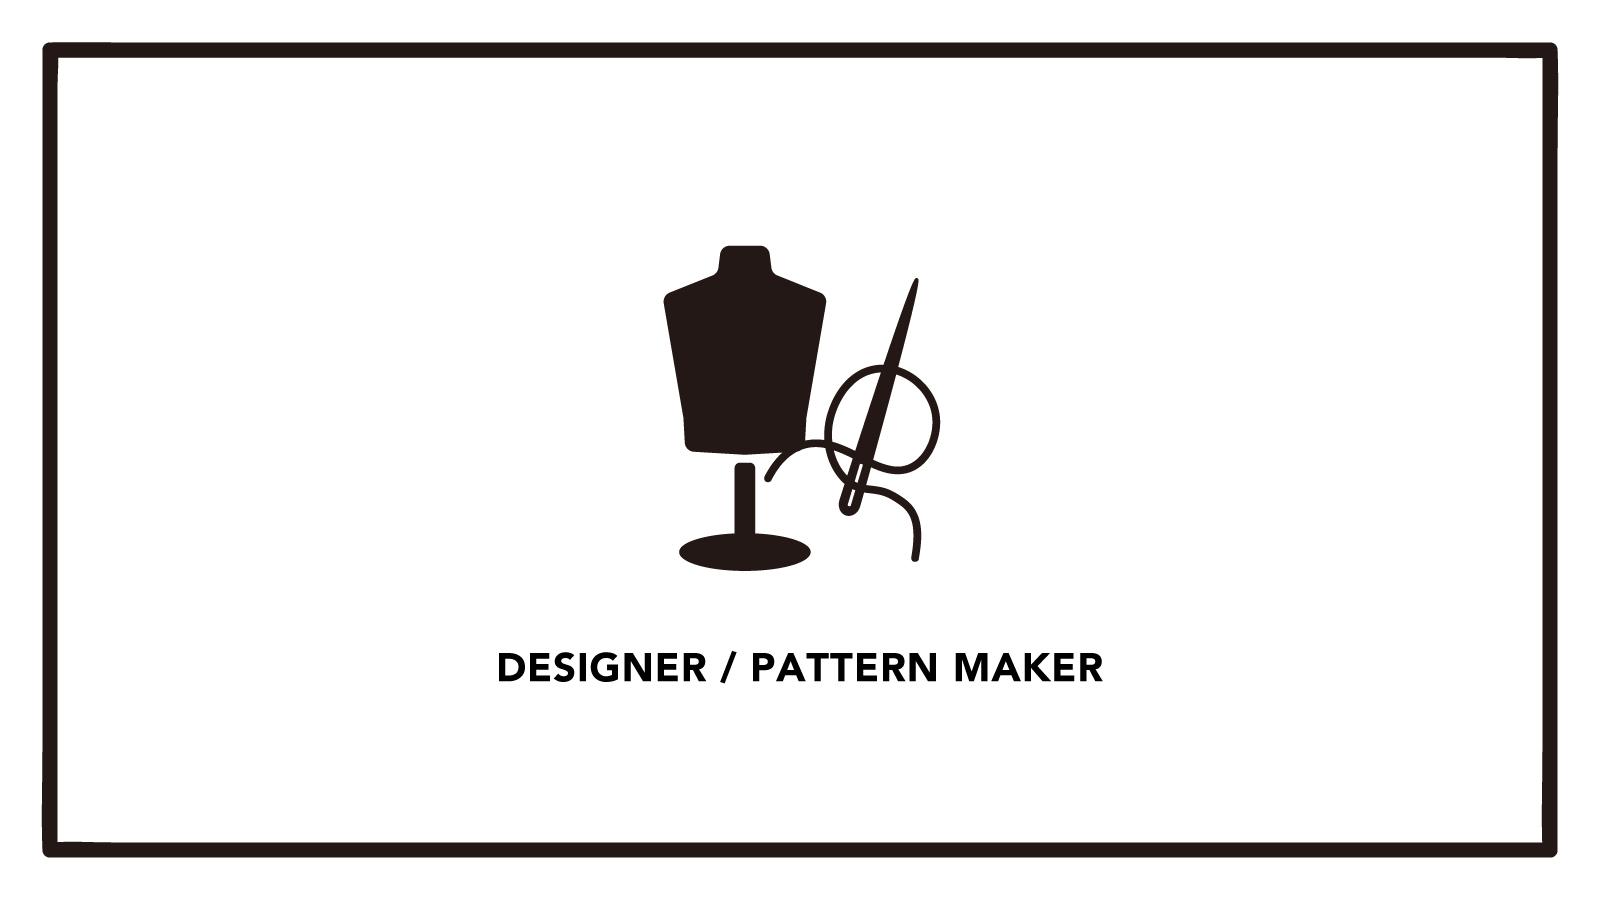 レディースデザイナー/5ブランドを展開するレディースブランドのカバー写真